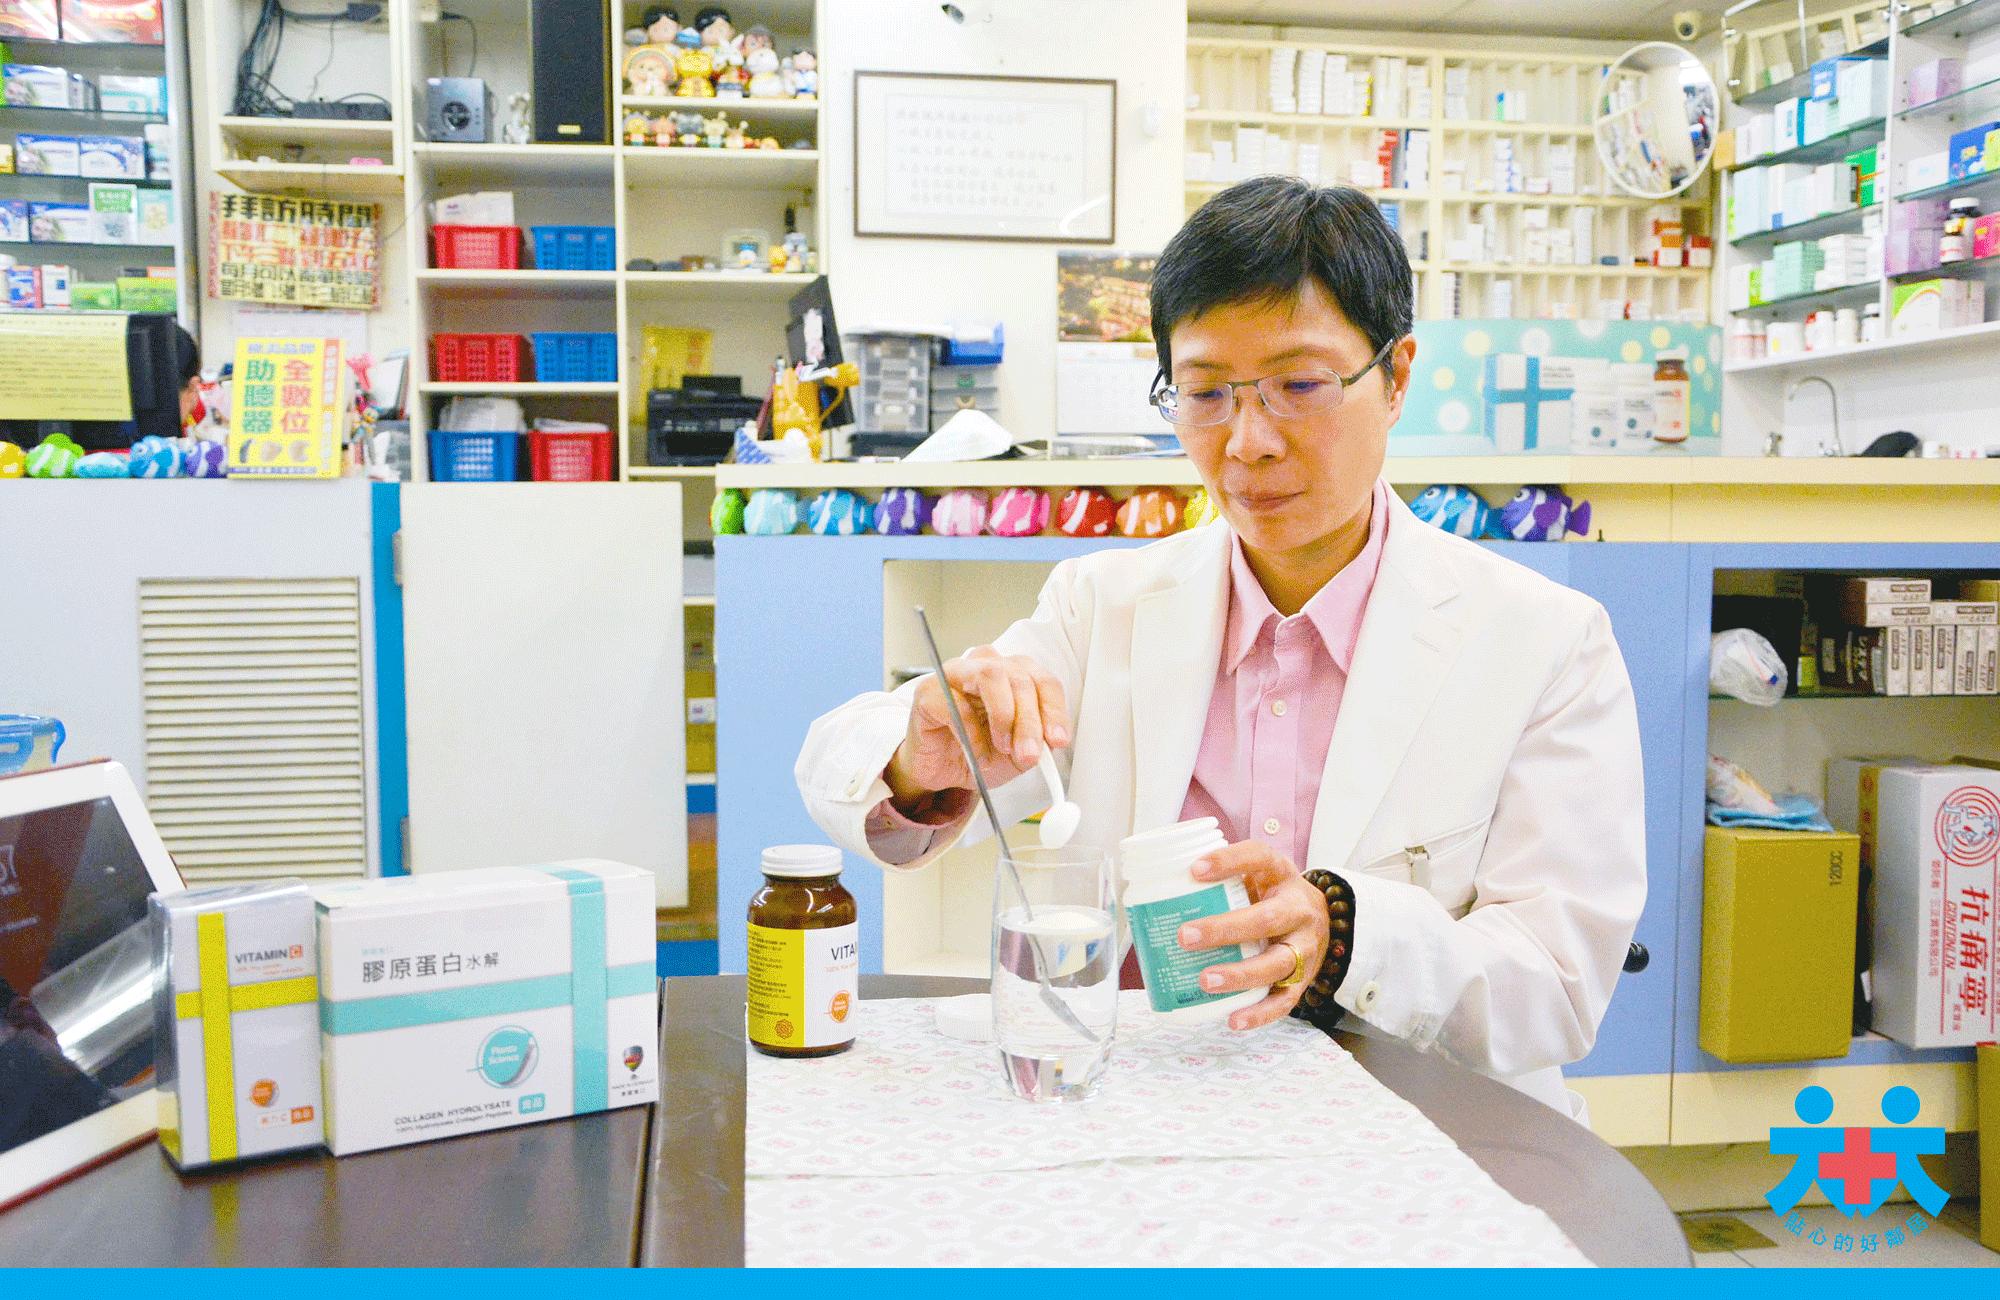 洪秋楓藥師示範如何沖泡膠原蛋白,水解膠原蛋白推薦,膠原蛋白